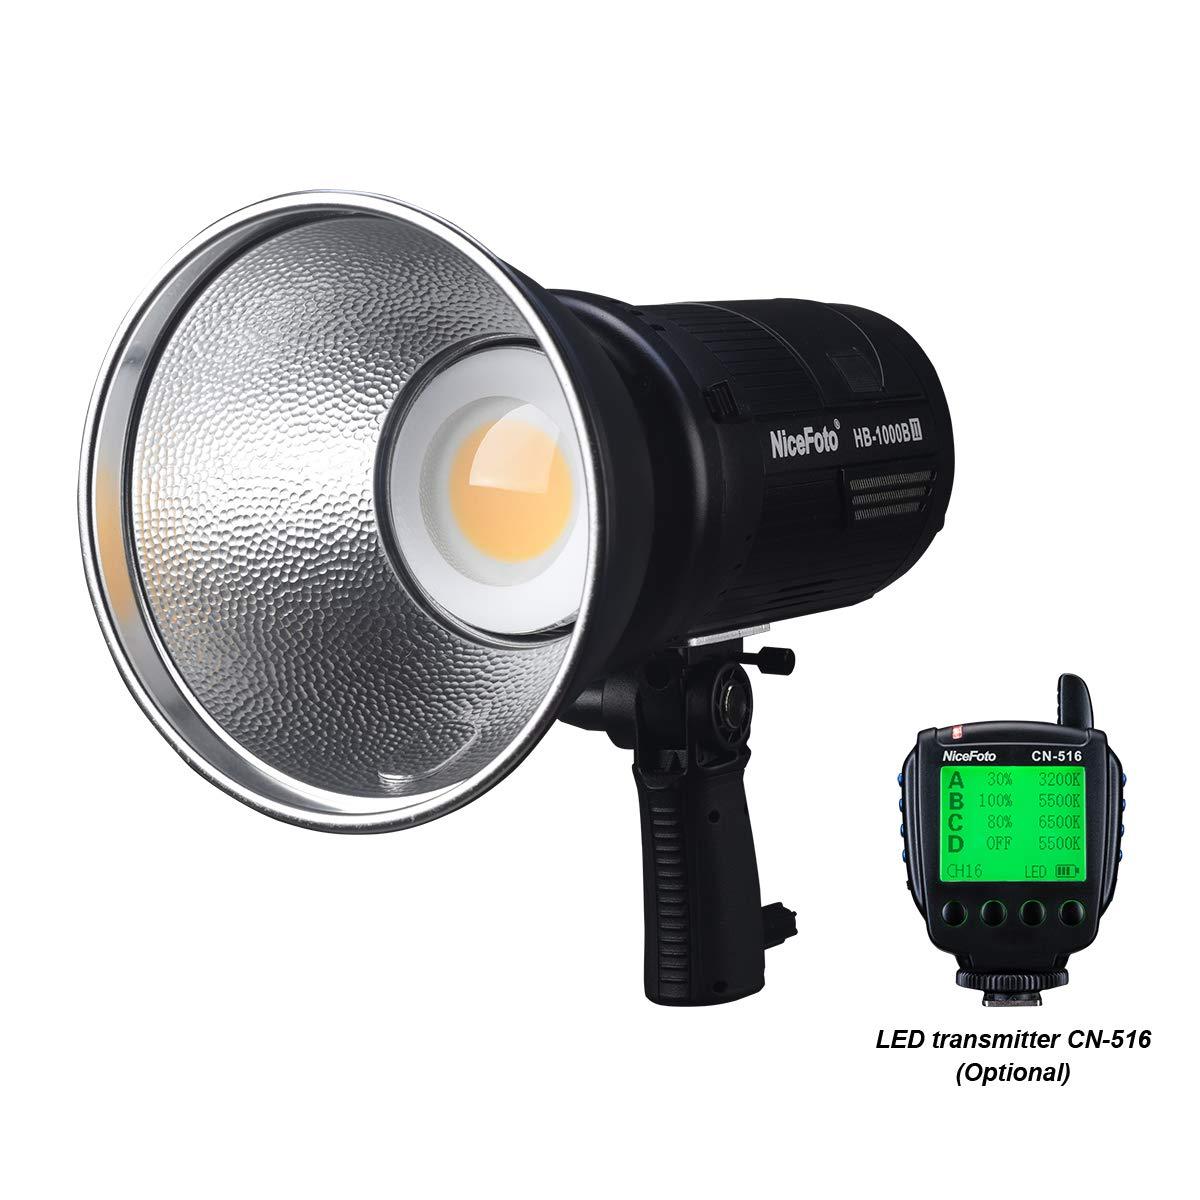 NiceFoto HB-1000B II LED ビデオ ライト 100W 3200K/5500K Bluetooth 2.4G レシーバー 無段階調光対応 CRI/TLCI 96+ 内蔵充電式リチウム電池 アウトドア & 屋内 LED 撮影ライト プロのビデオ制作 放送 テレビインタビューなど(CN-516リモコン付き) HB-1000B II+CN-516リモコン  B07RGQ3T69